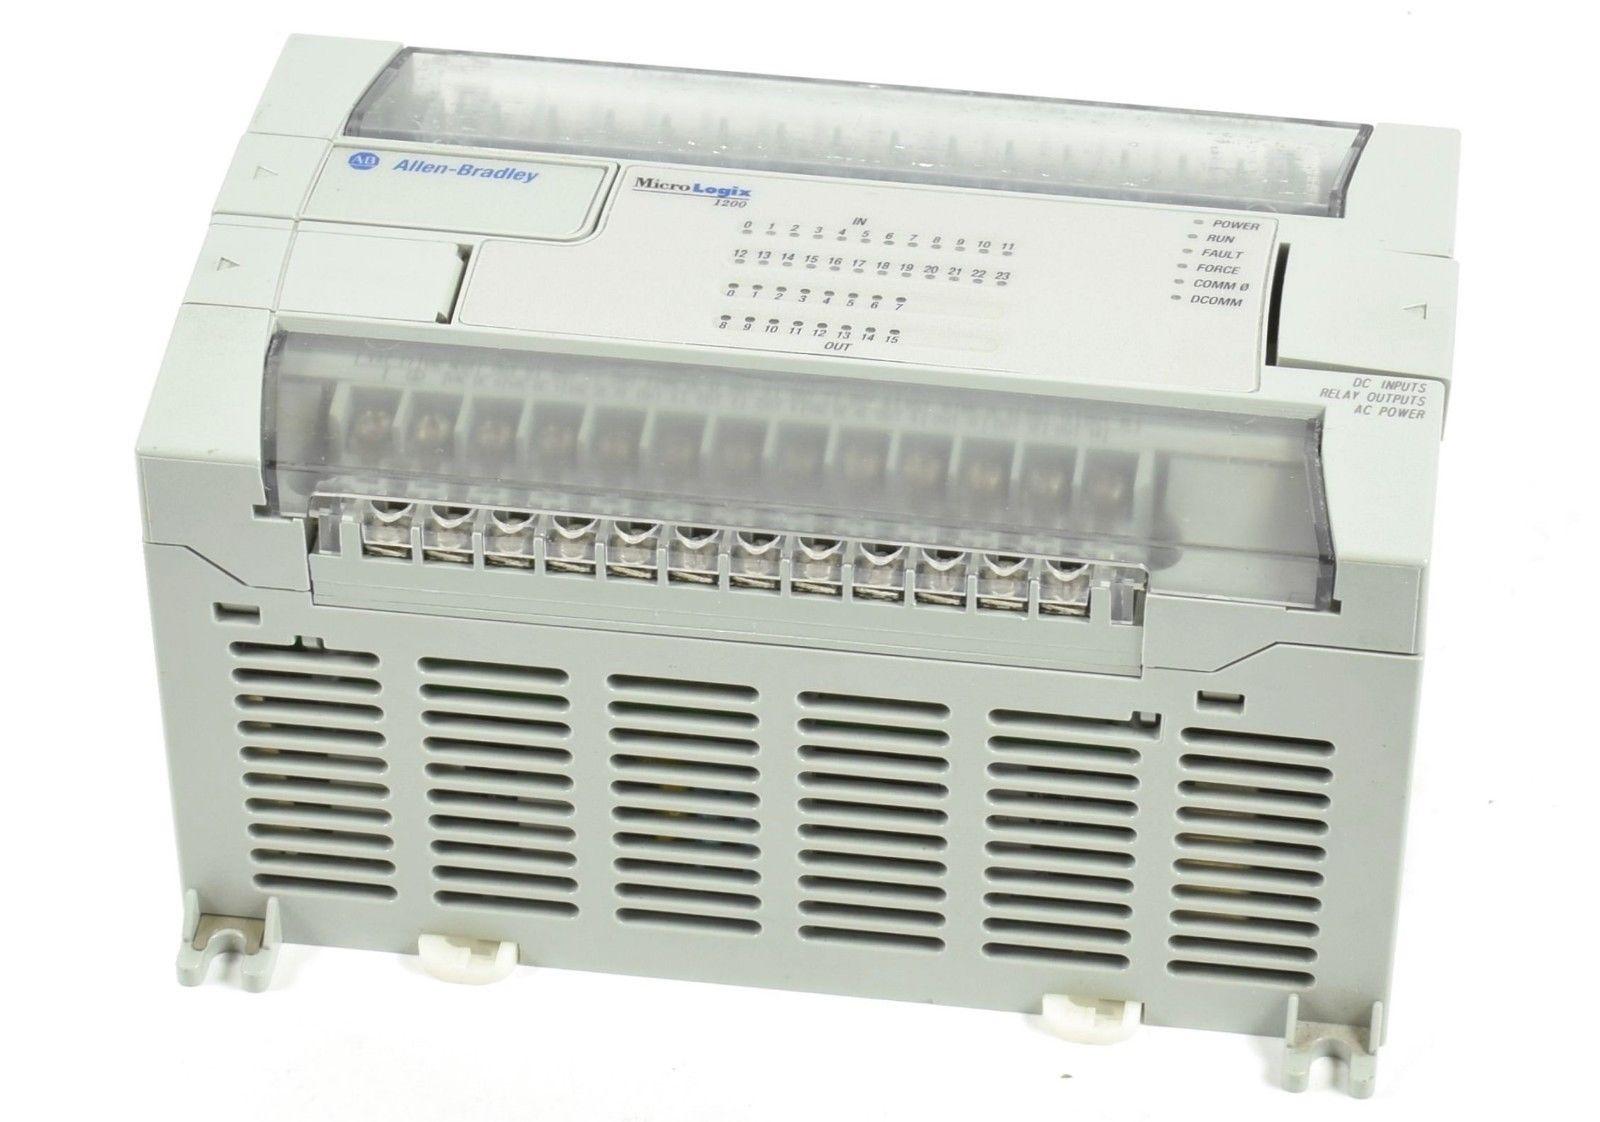 Allen-Bradley MicroLogix 1200 CPU,1762-L40BWA,1762L40BWA